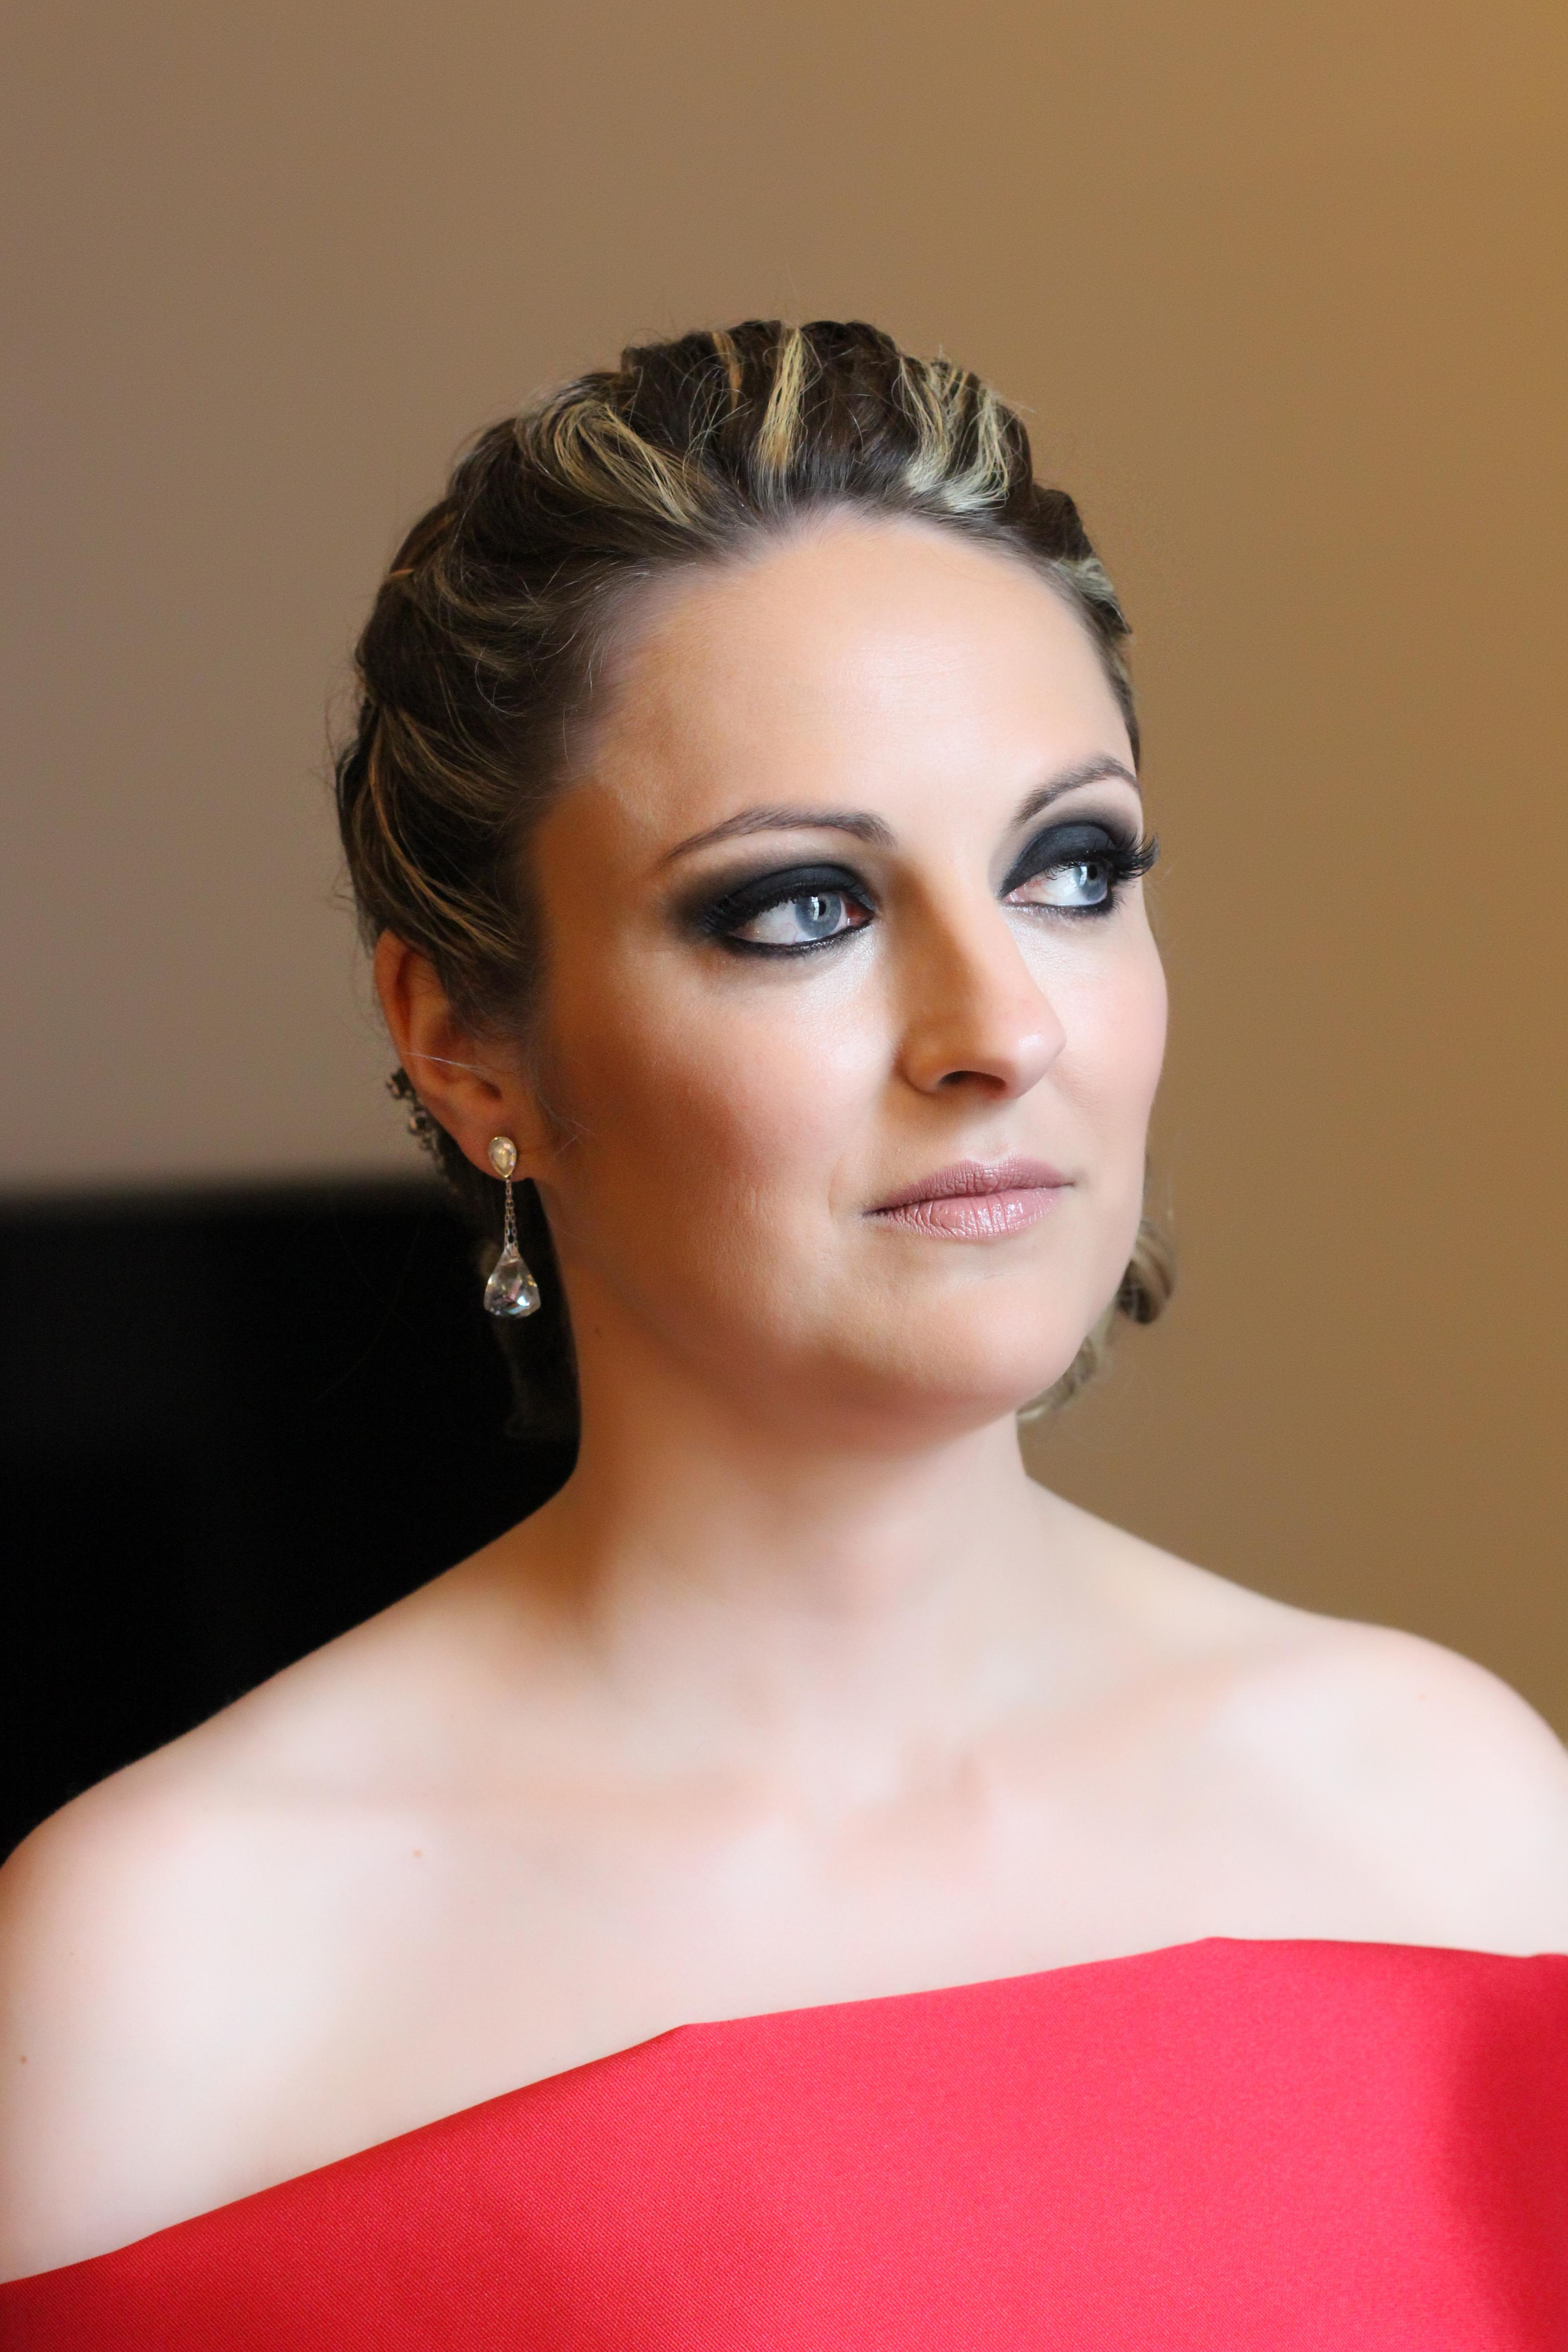 Maquillaje invitada ojos ahumados domicilio Verónica Calderón